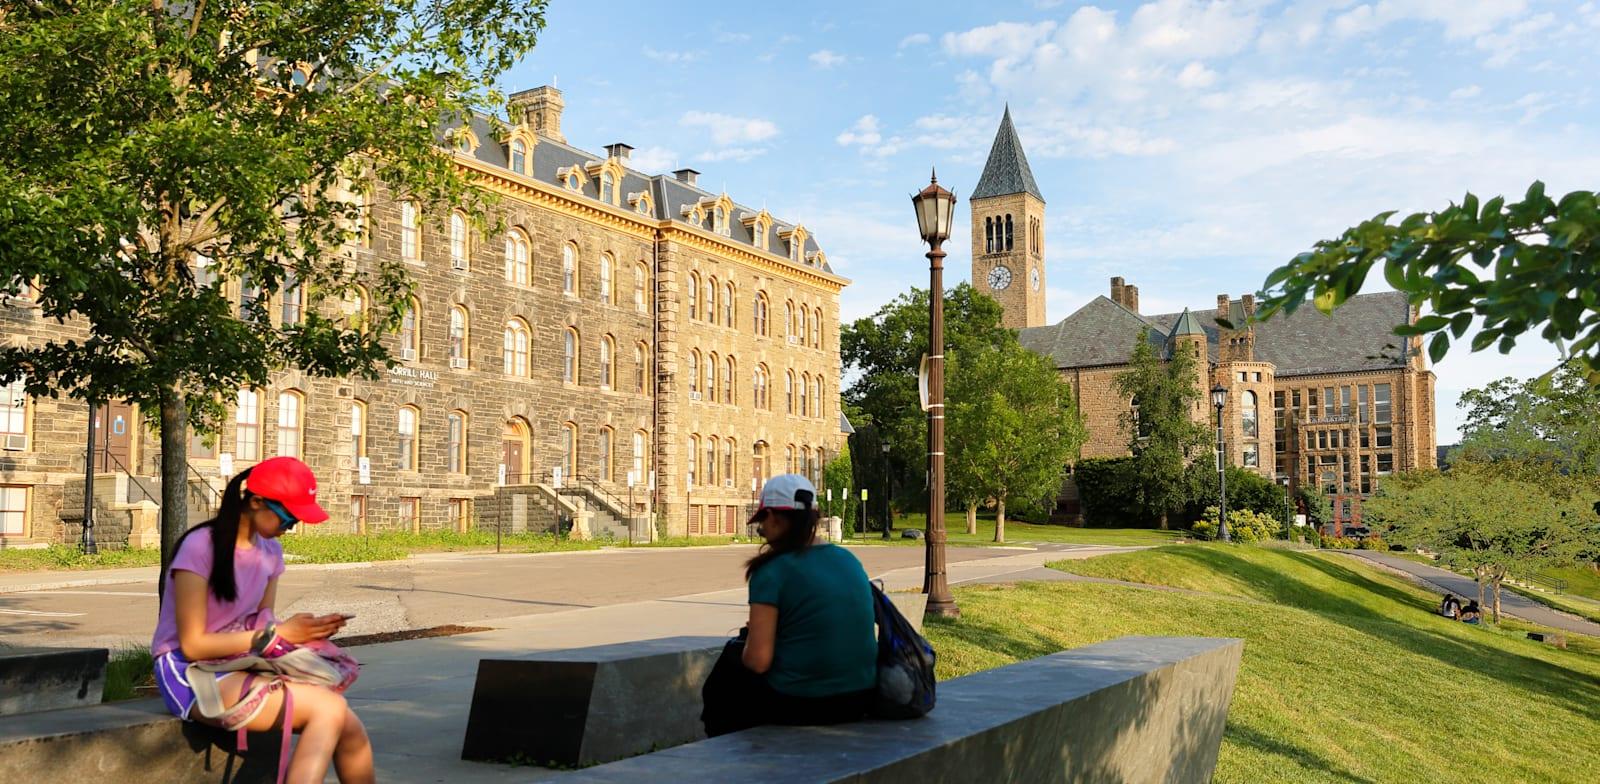 אוניברסיטת קורנל באיתקה. התוכנית תיצר 1,000 מקומות עבודה בעיר / צילום: Shutterstock